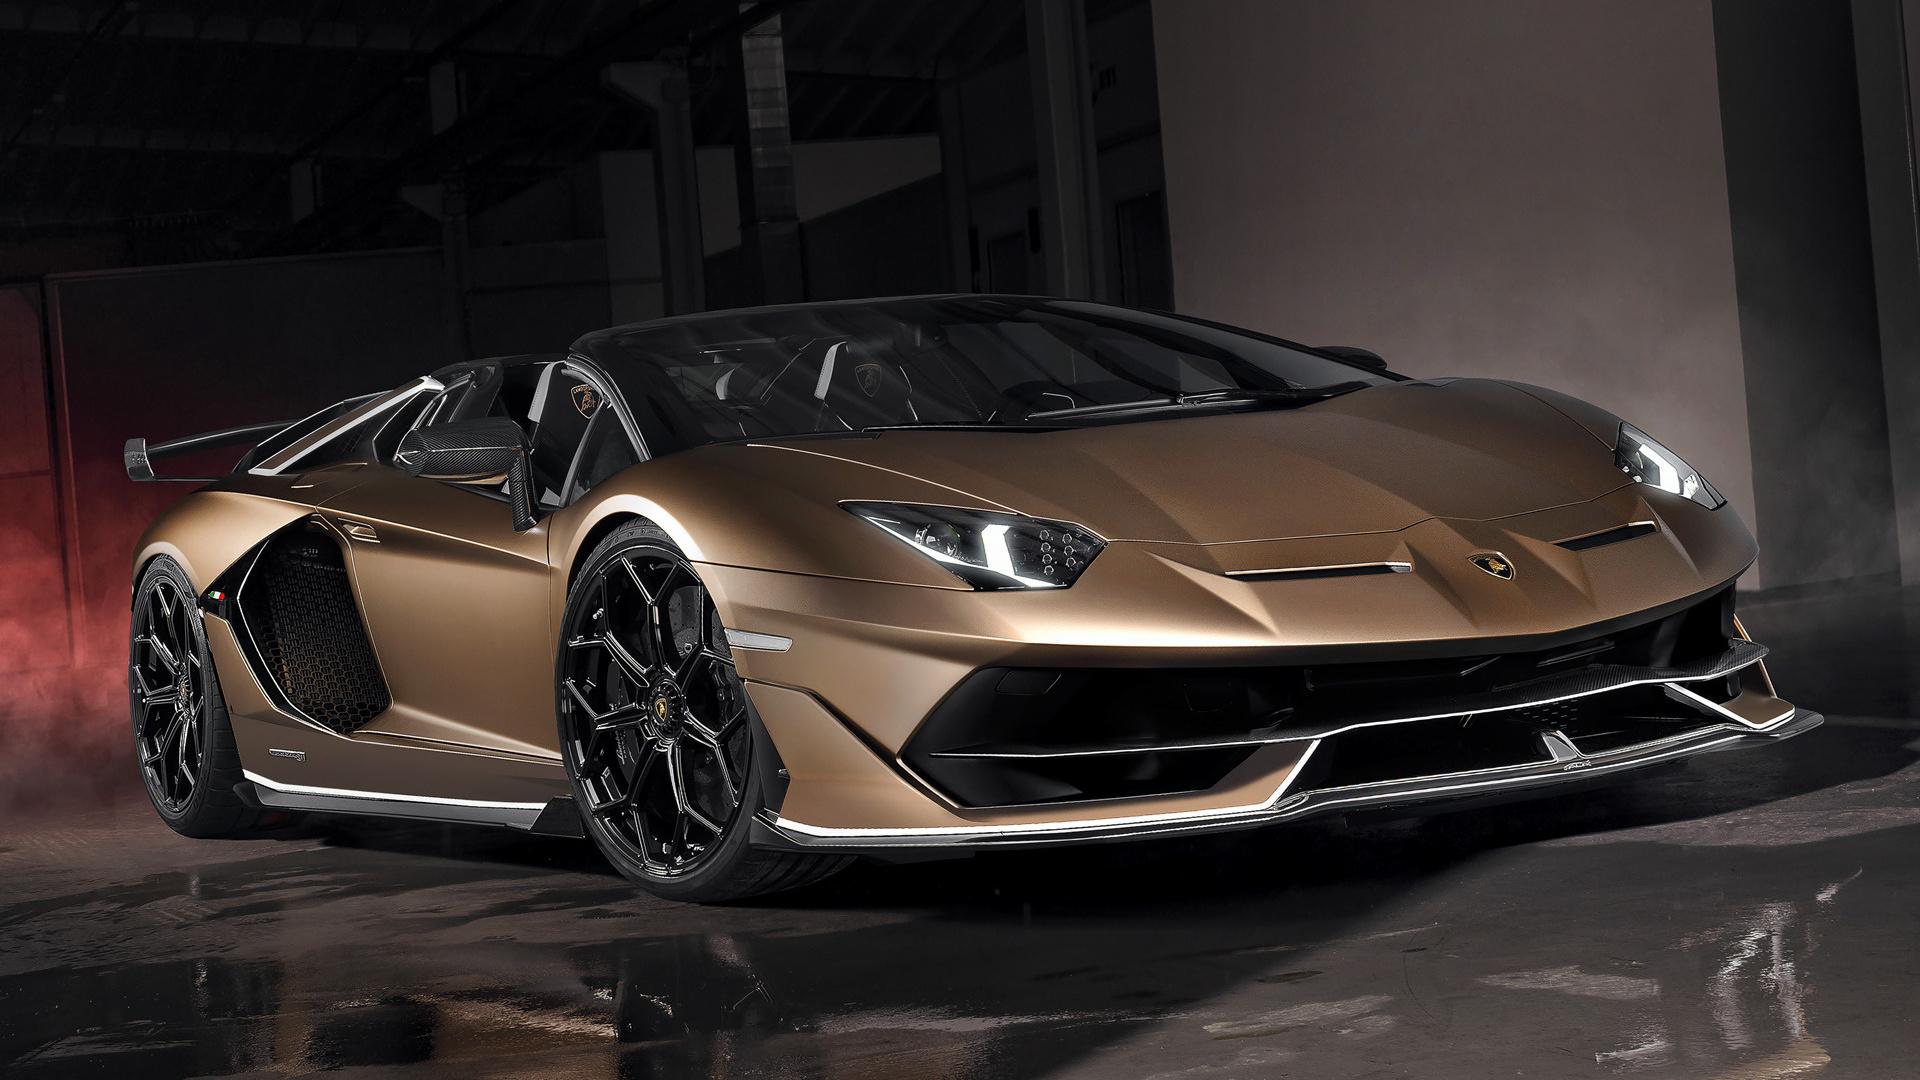 2019 Lamborghini Aventador SVJ Roadster - Wallpapers and ...